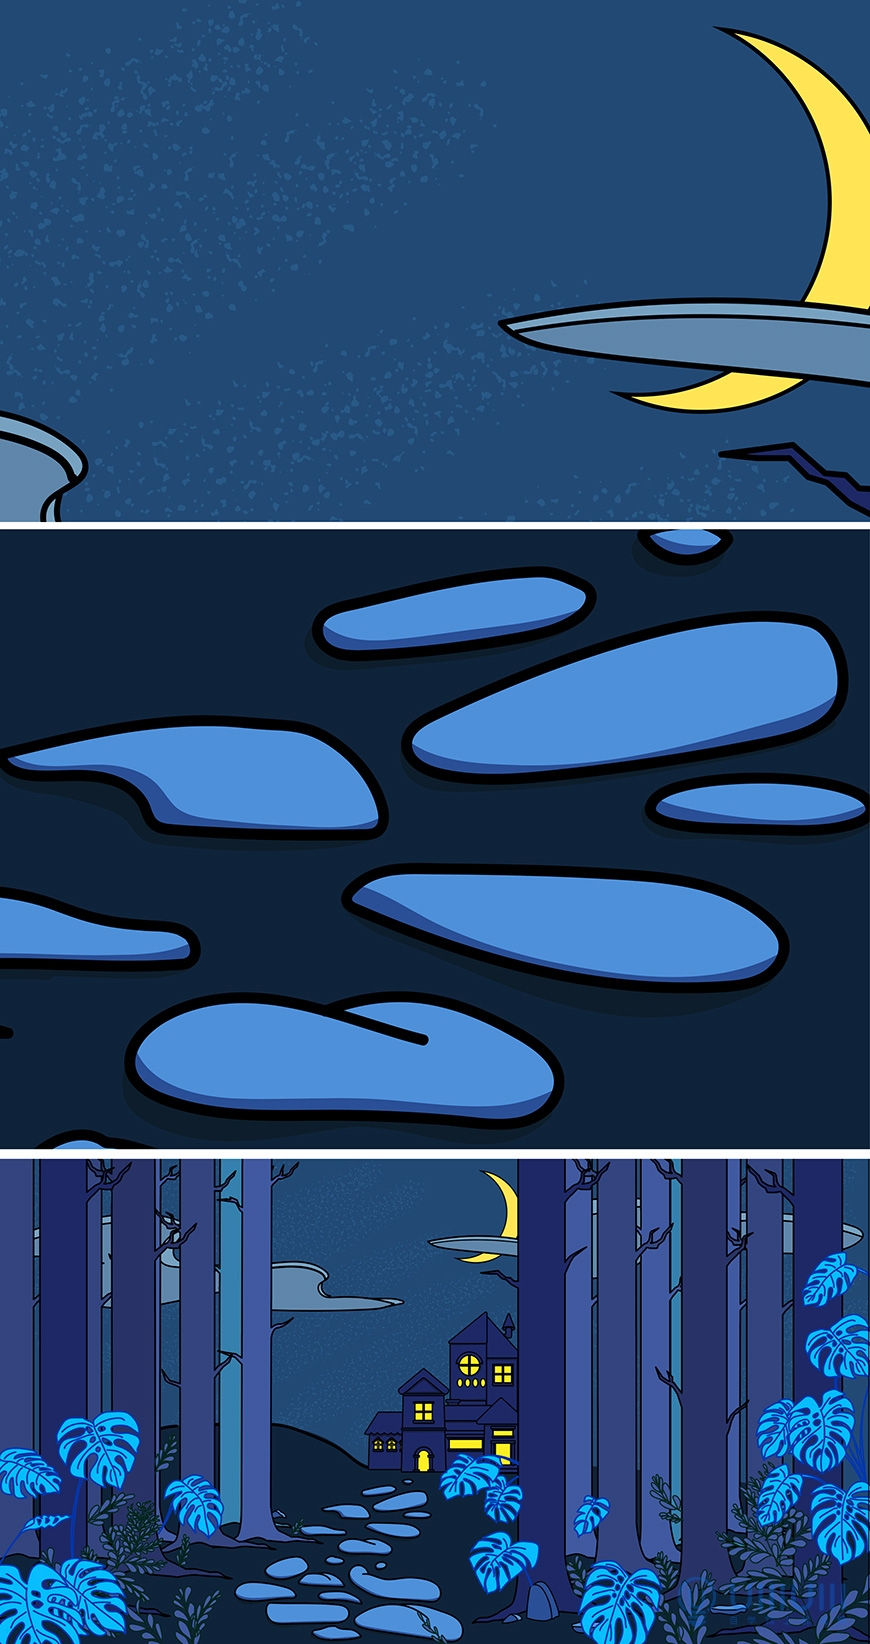 AI教程!卡通漫画感萤火月夜矢量插画绘制思路拆解